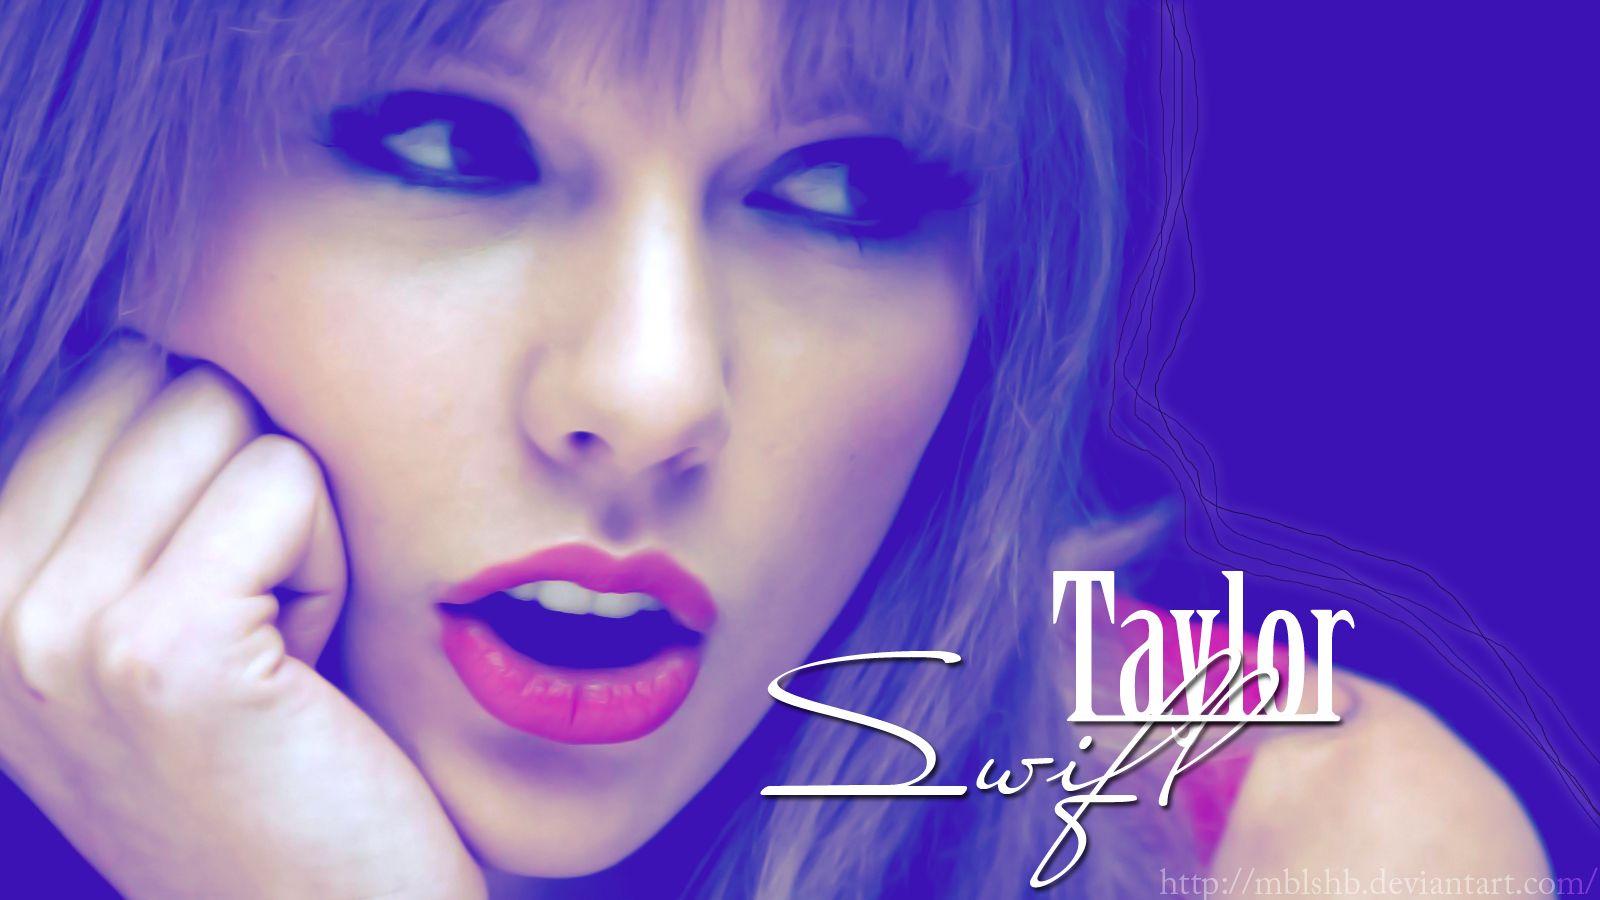 Taylor Swift Background Best Wallpaper Hd Taylor Swift Wallpaper Taylor Swift Pictures Taylor Swift